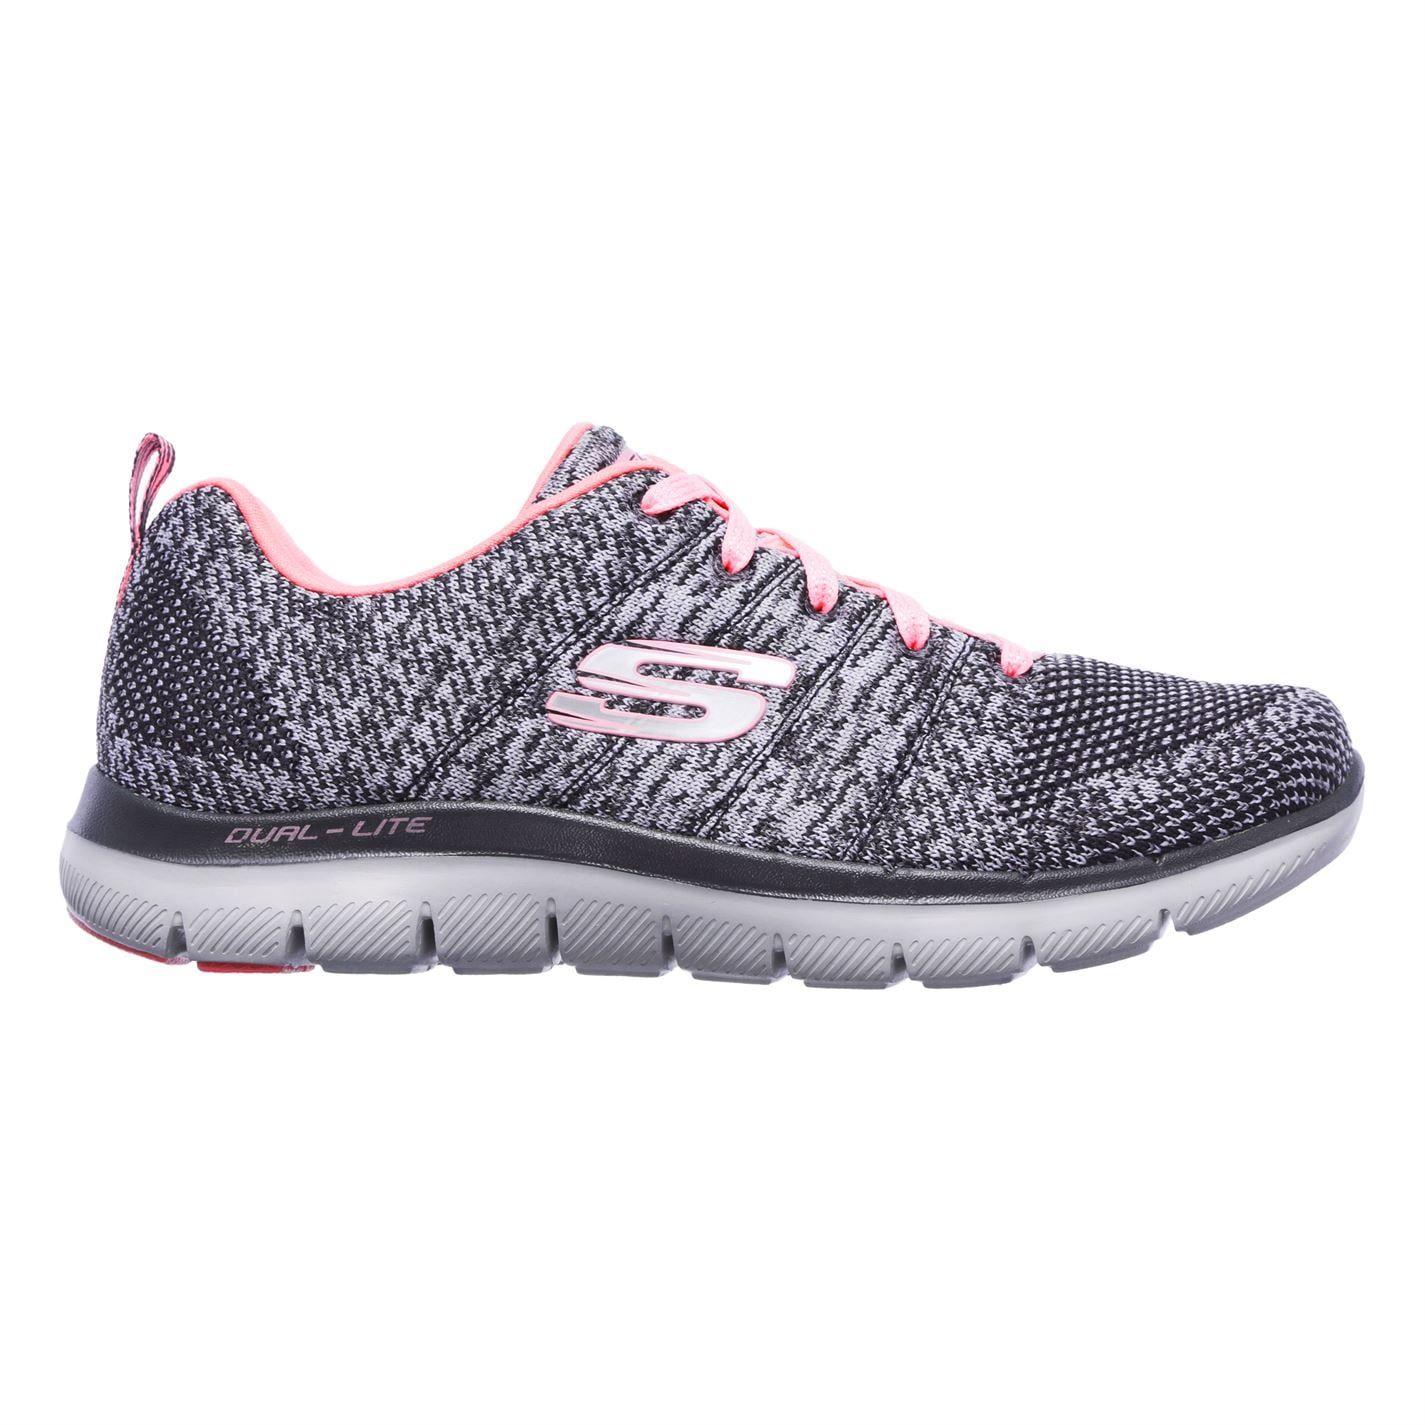 Skechers Womens Flex Appeal 2 Energy Trainers Ladies Runners Shoes Sneakers